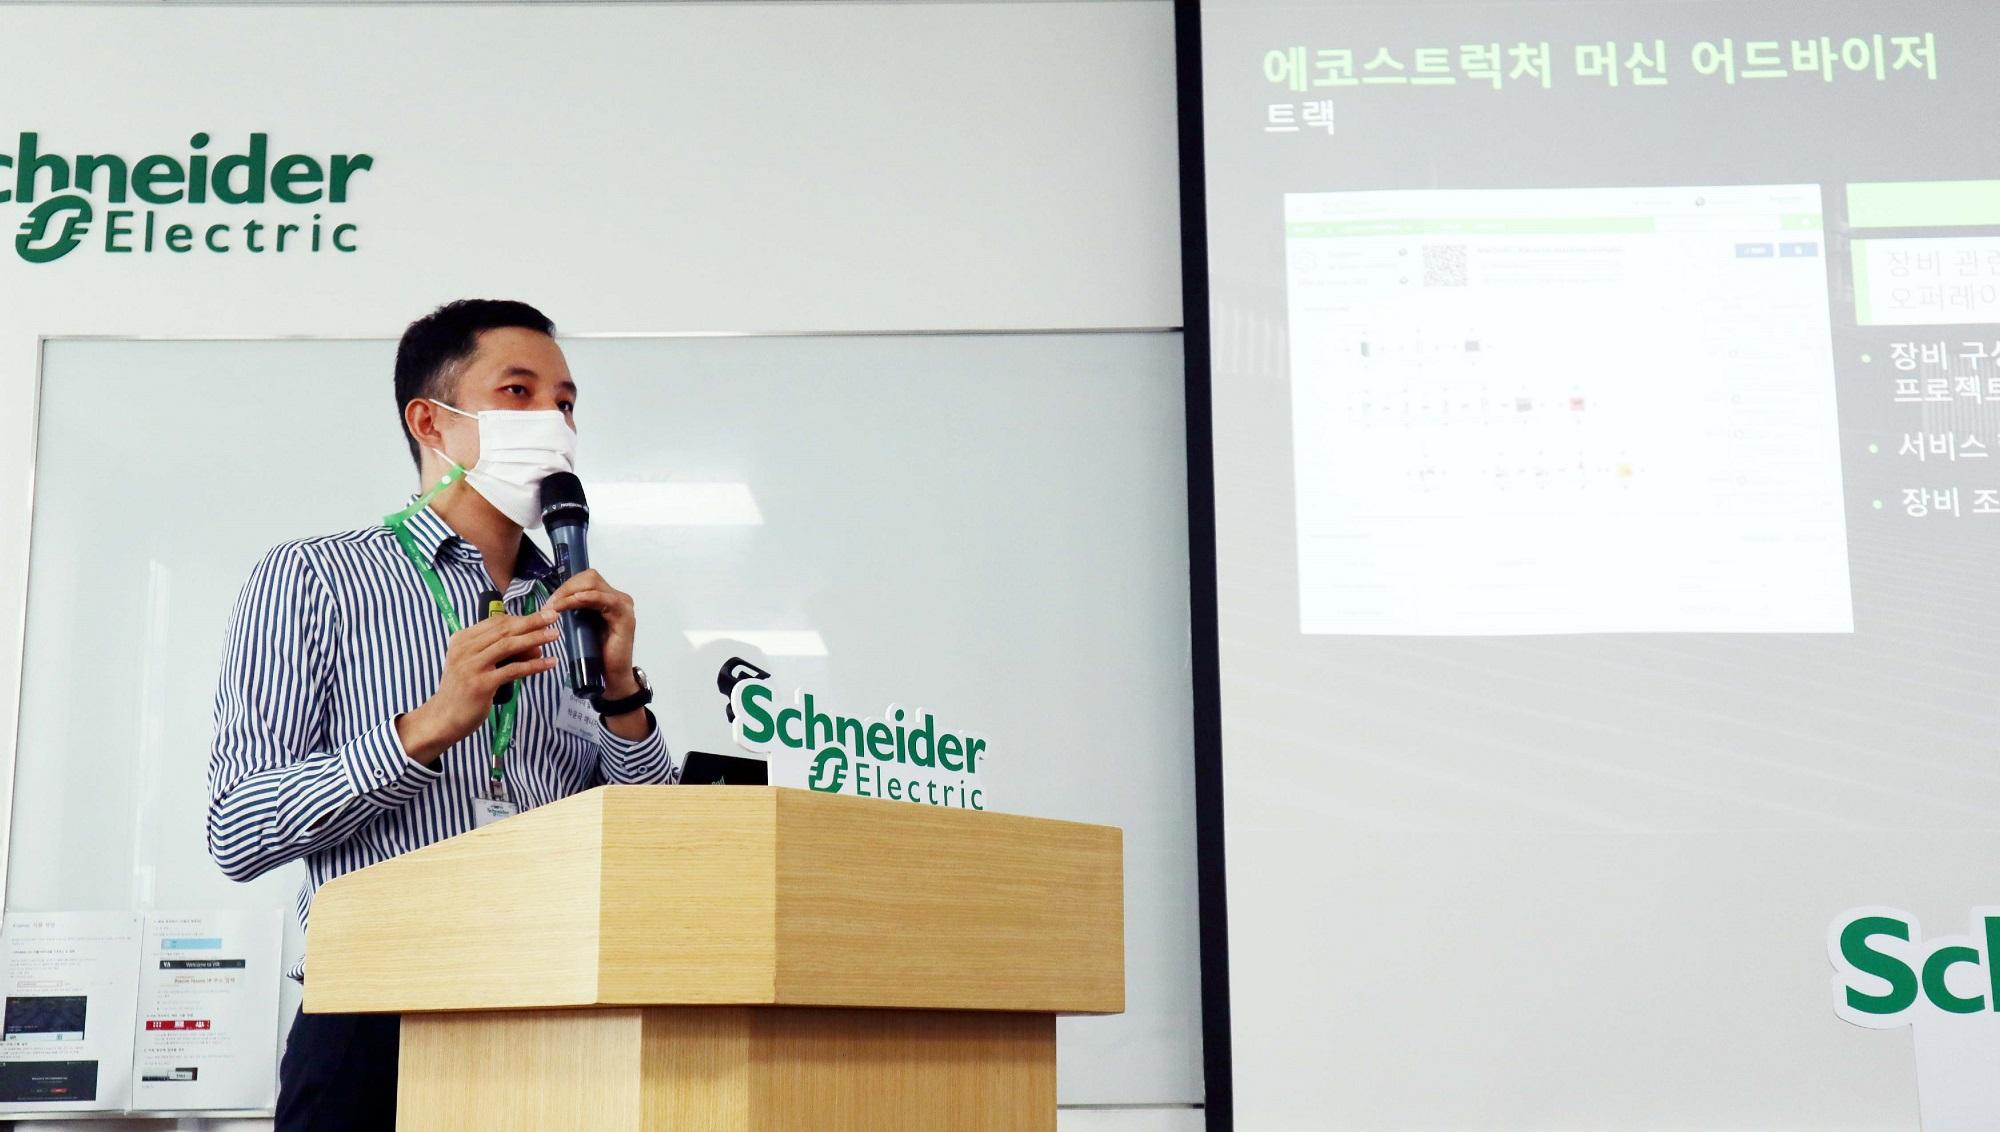 스마트 팩토리 구현을 위한 원격 장비관리 기술에 집중하는 슈나이더의 행보!